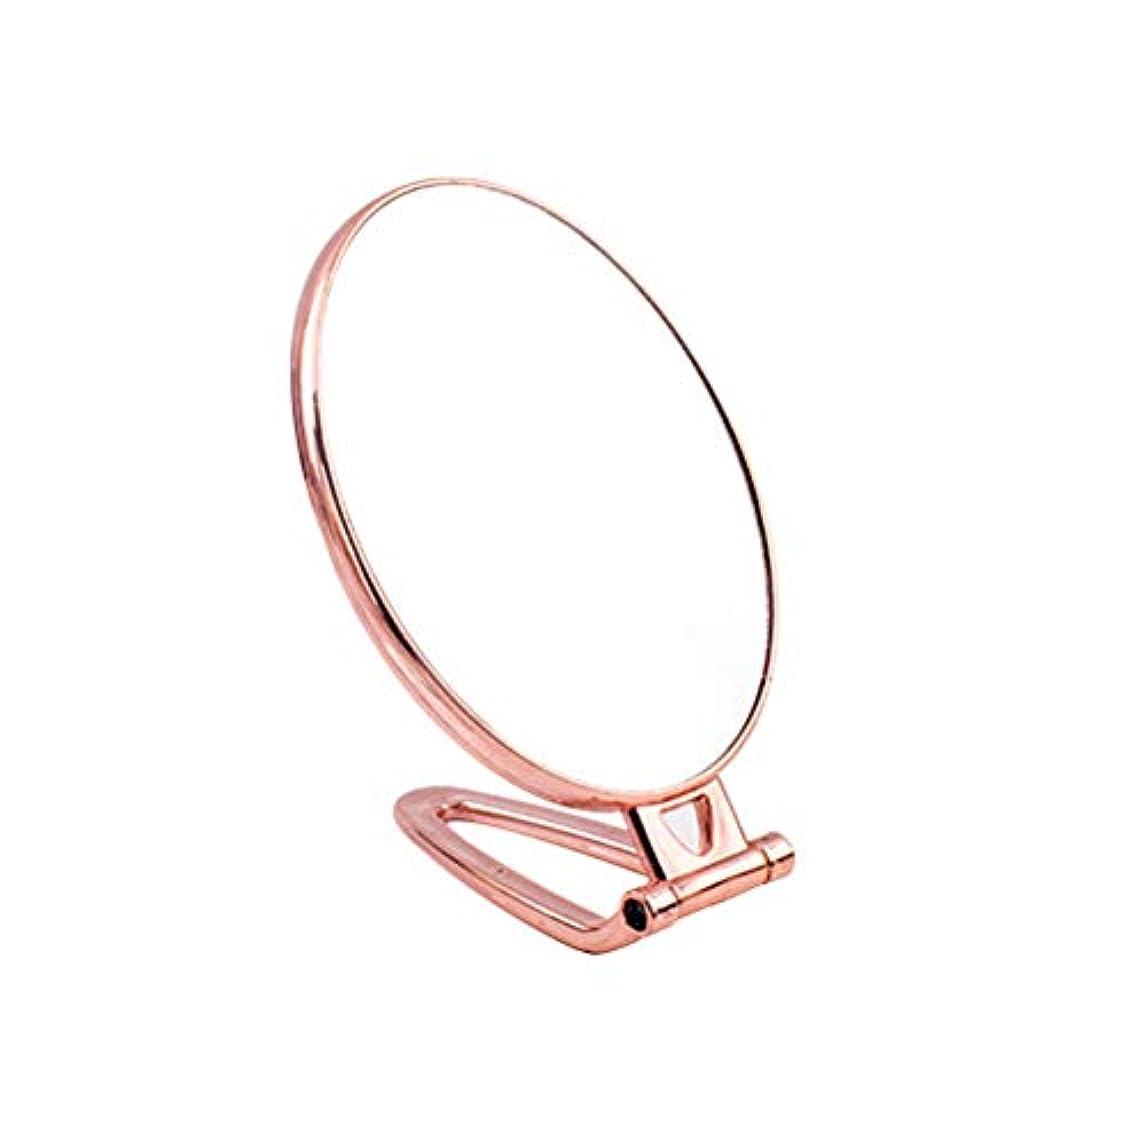 偽善者機知に富んだトラフィックFrcolor 手鏡 折りたたみ式 化粧鏡 両面鏡 メイクミラー ハンド スタンドミラー(ゴールデン、オーバル)